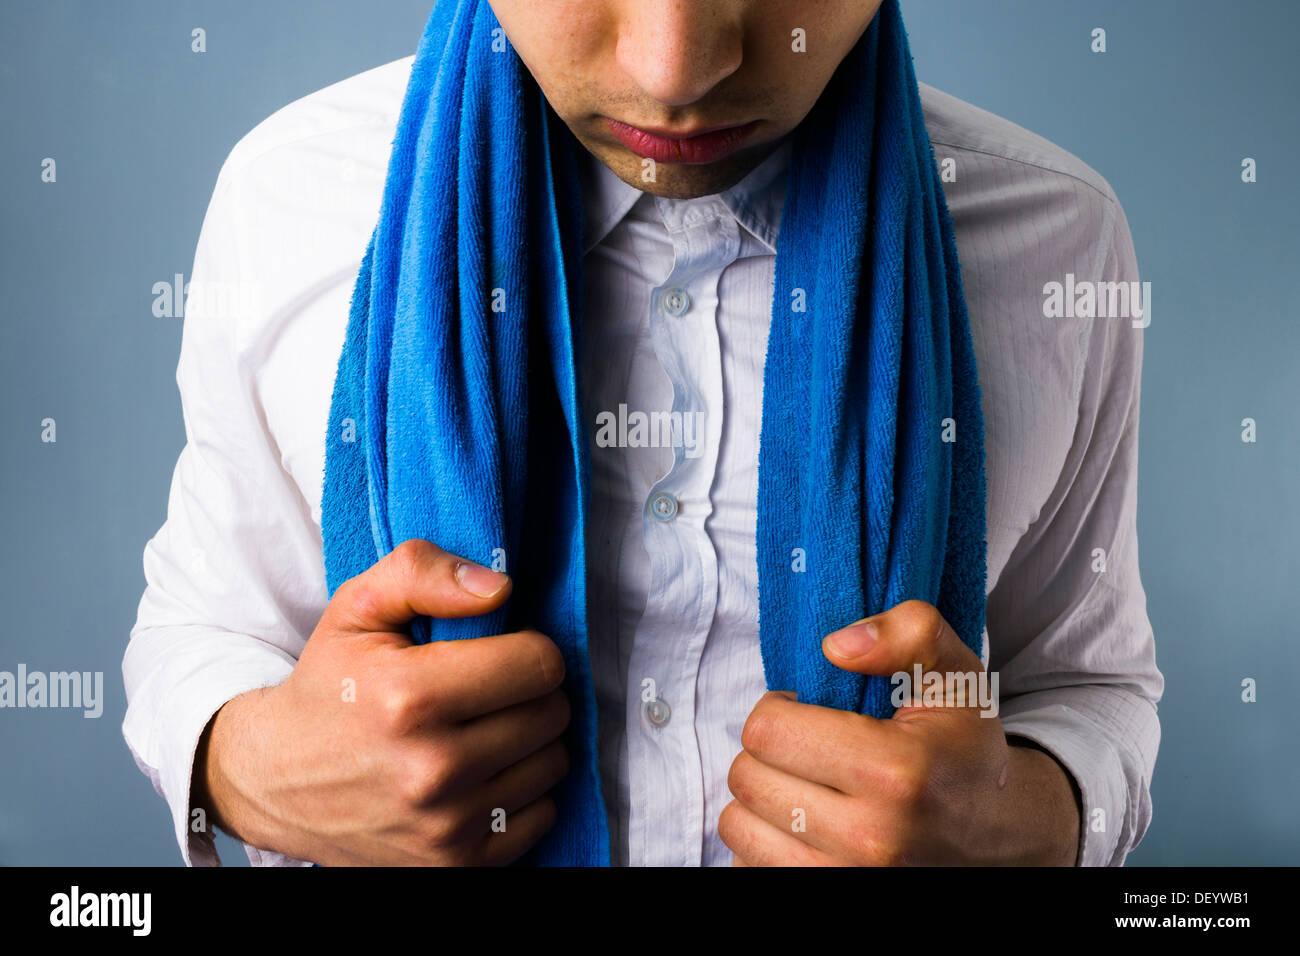 Collar blanco boxer con una toalla alrededor de su cuello Imagen De Stock